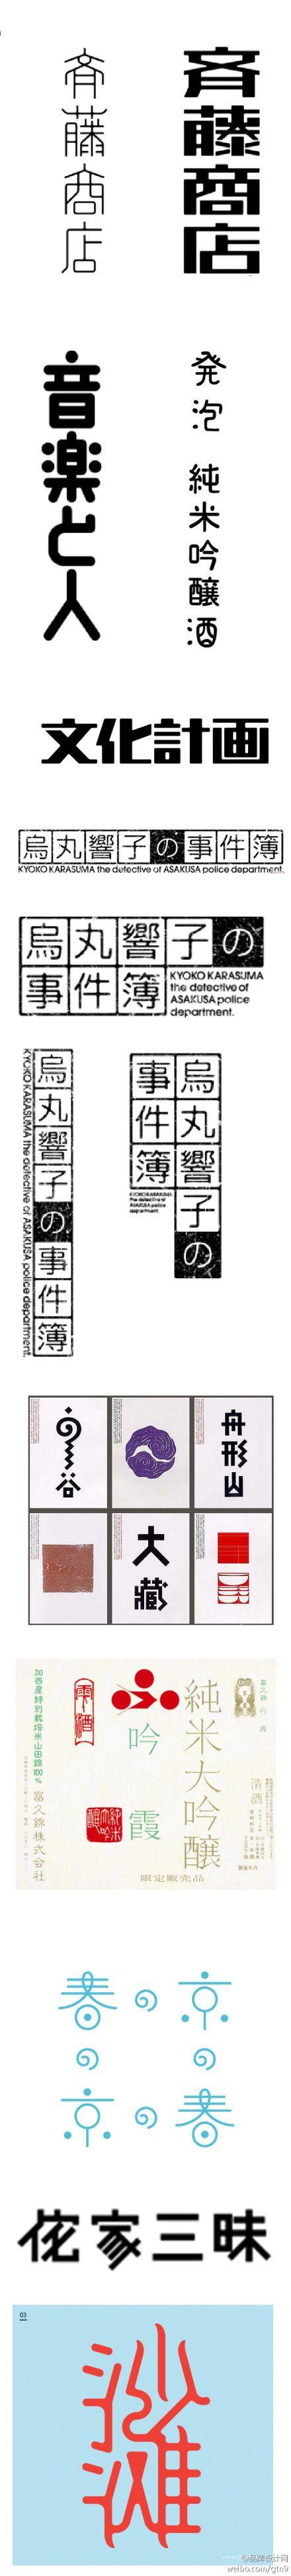 字体欣赏 十三君采集到字体控 522图 花瓣平面设计 Typographic Design Chinese Typography Design Logotype Typography